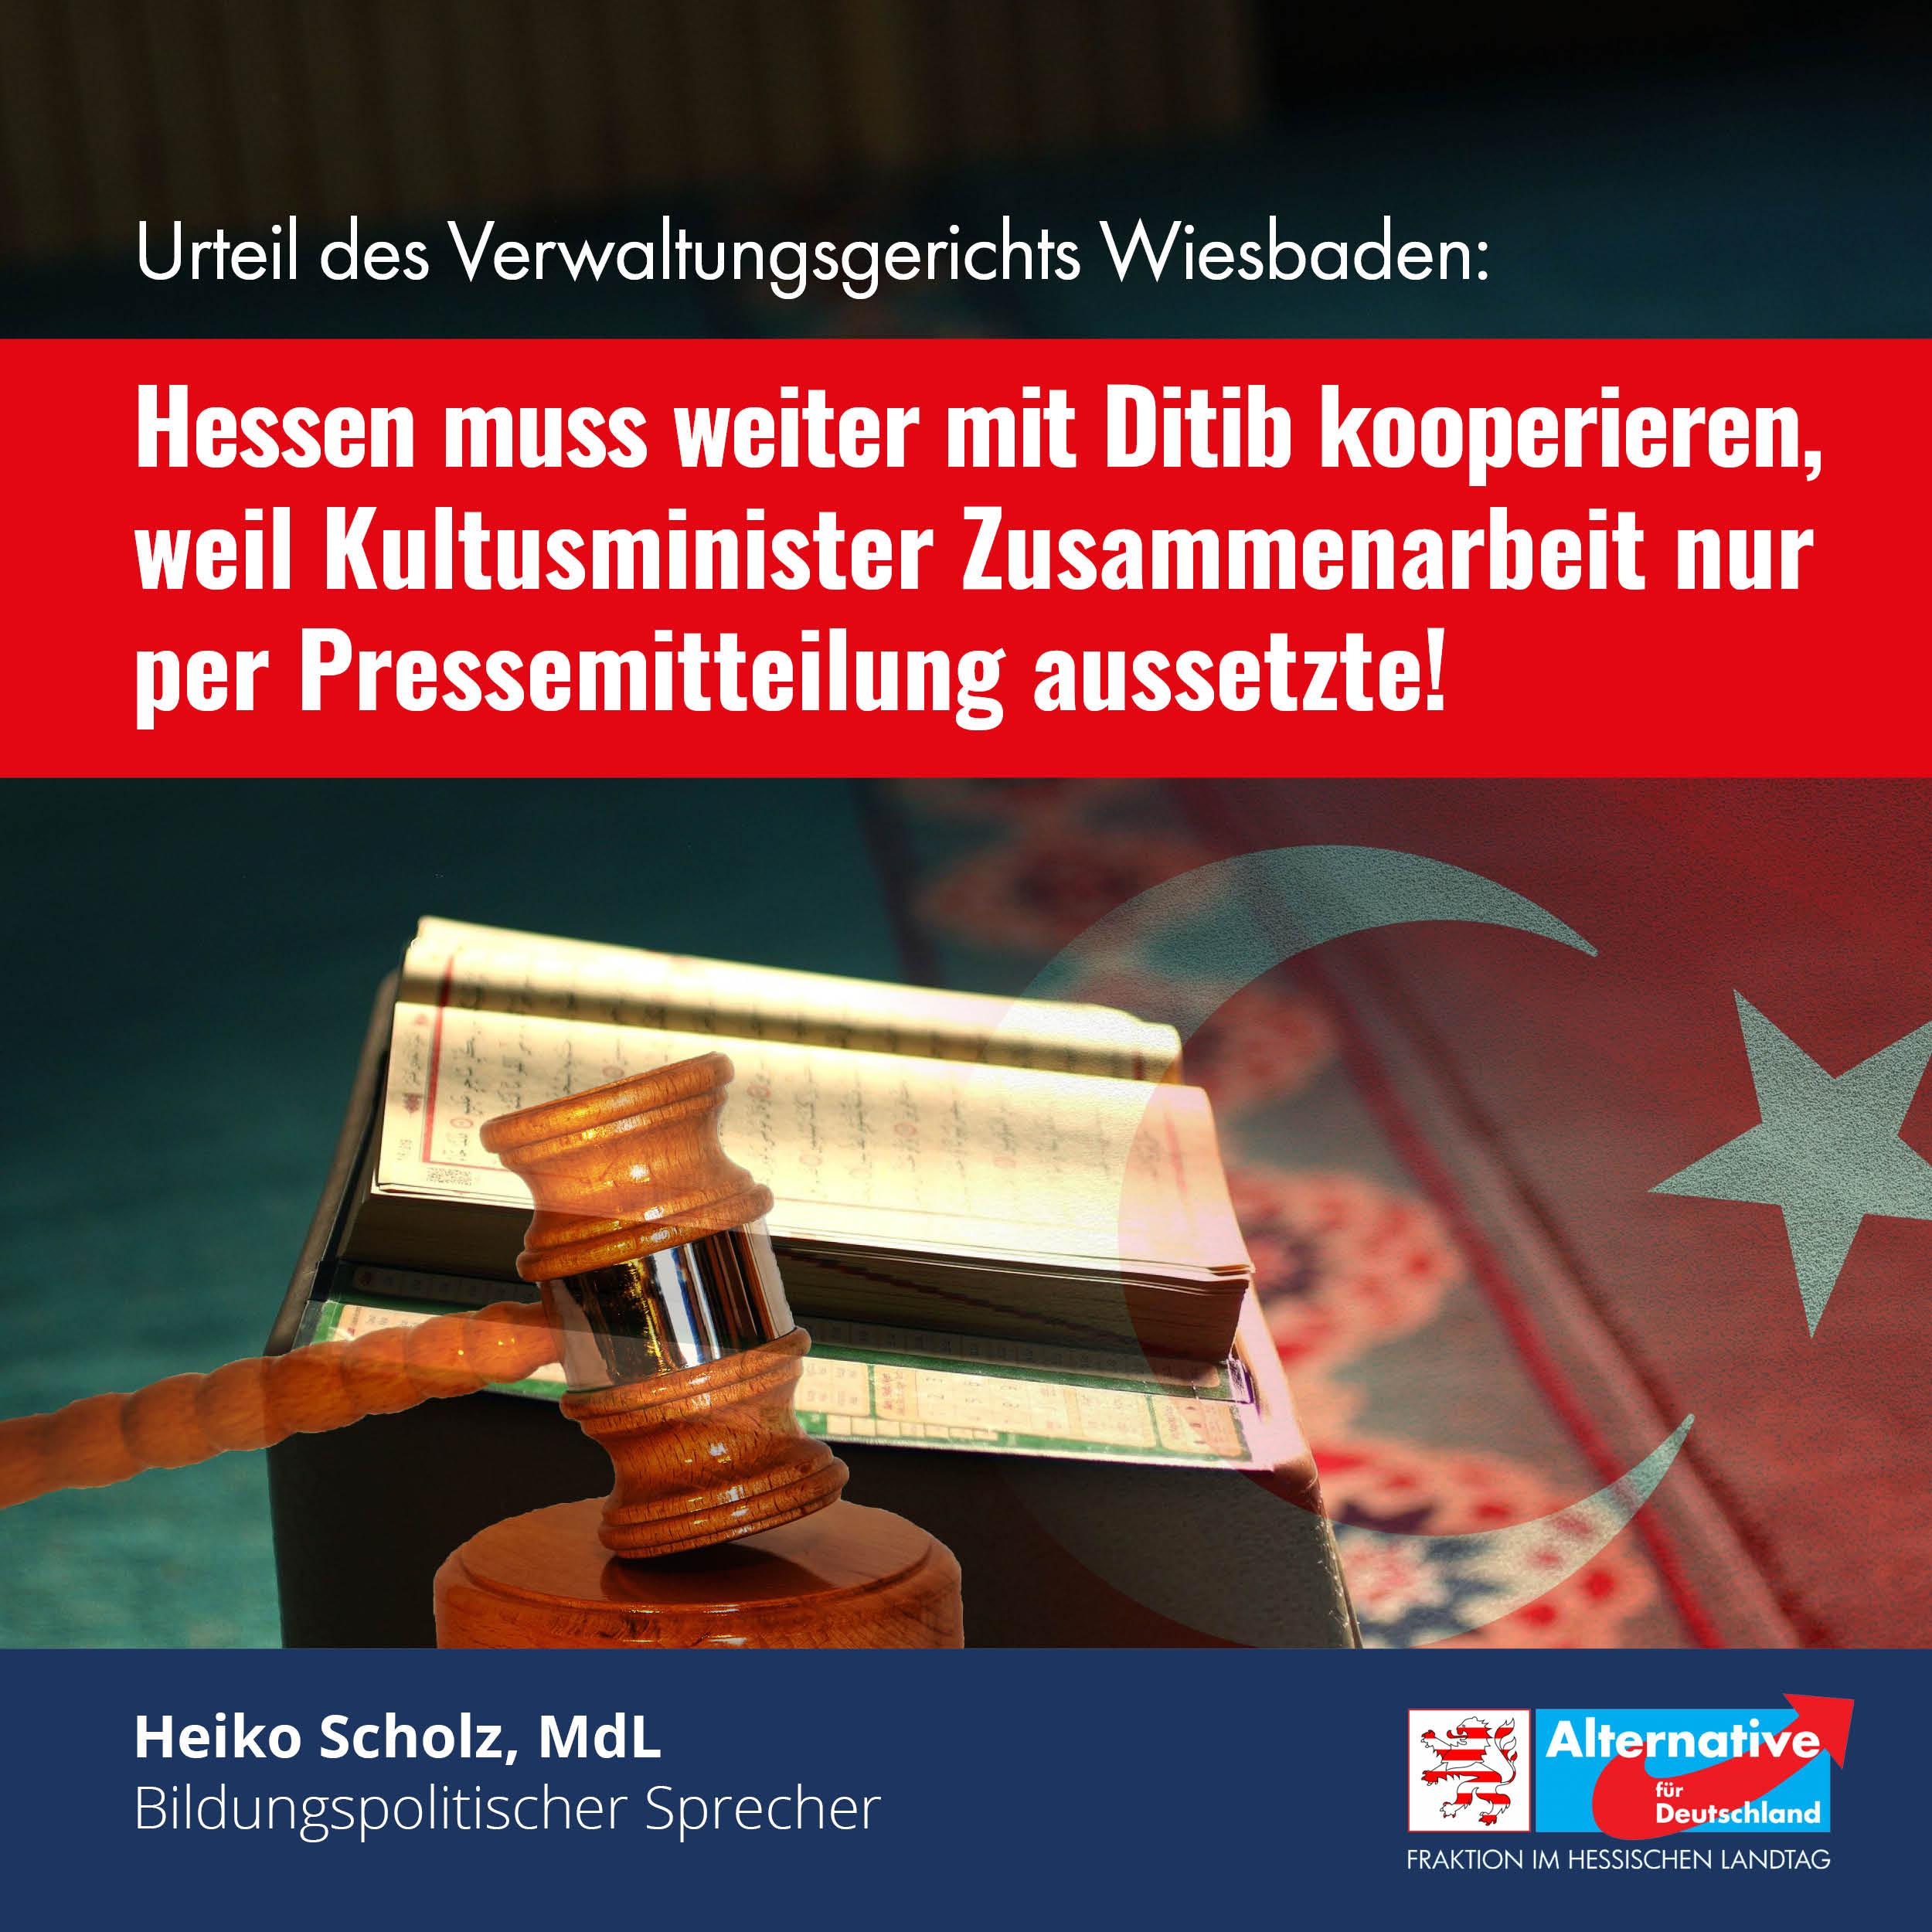 You are currently viewing Verwaltungsgericht Wiesbaden: Hessen muss weiter mit Ditib kooperieren!